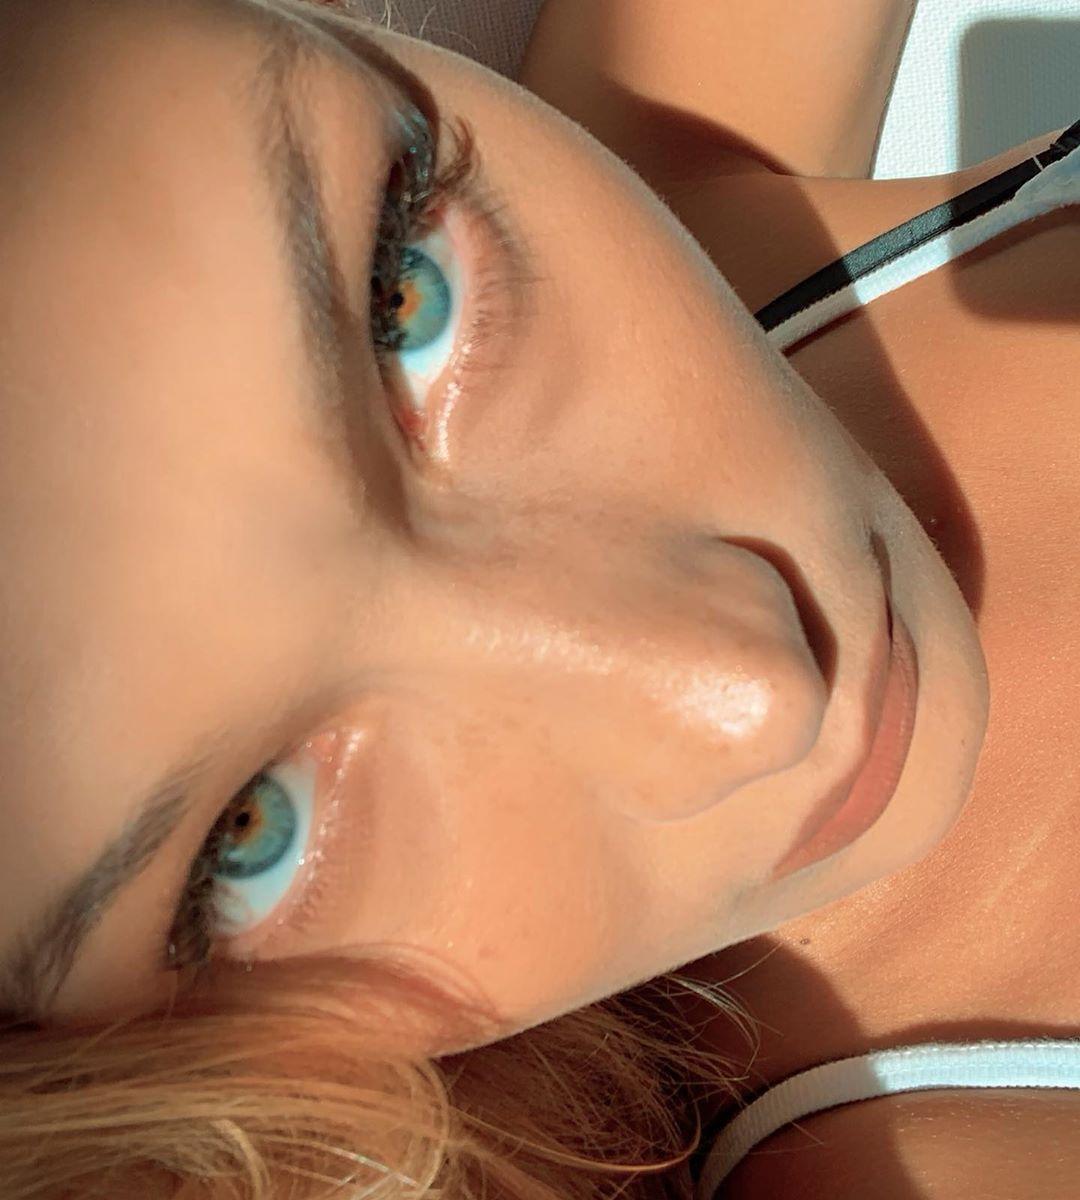 В леопардовом мини-бикини: Красотка Белла Хадид показала идеальную фигуру